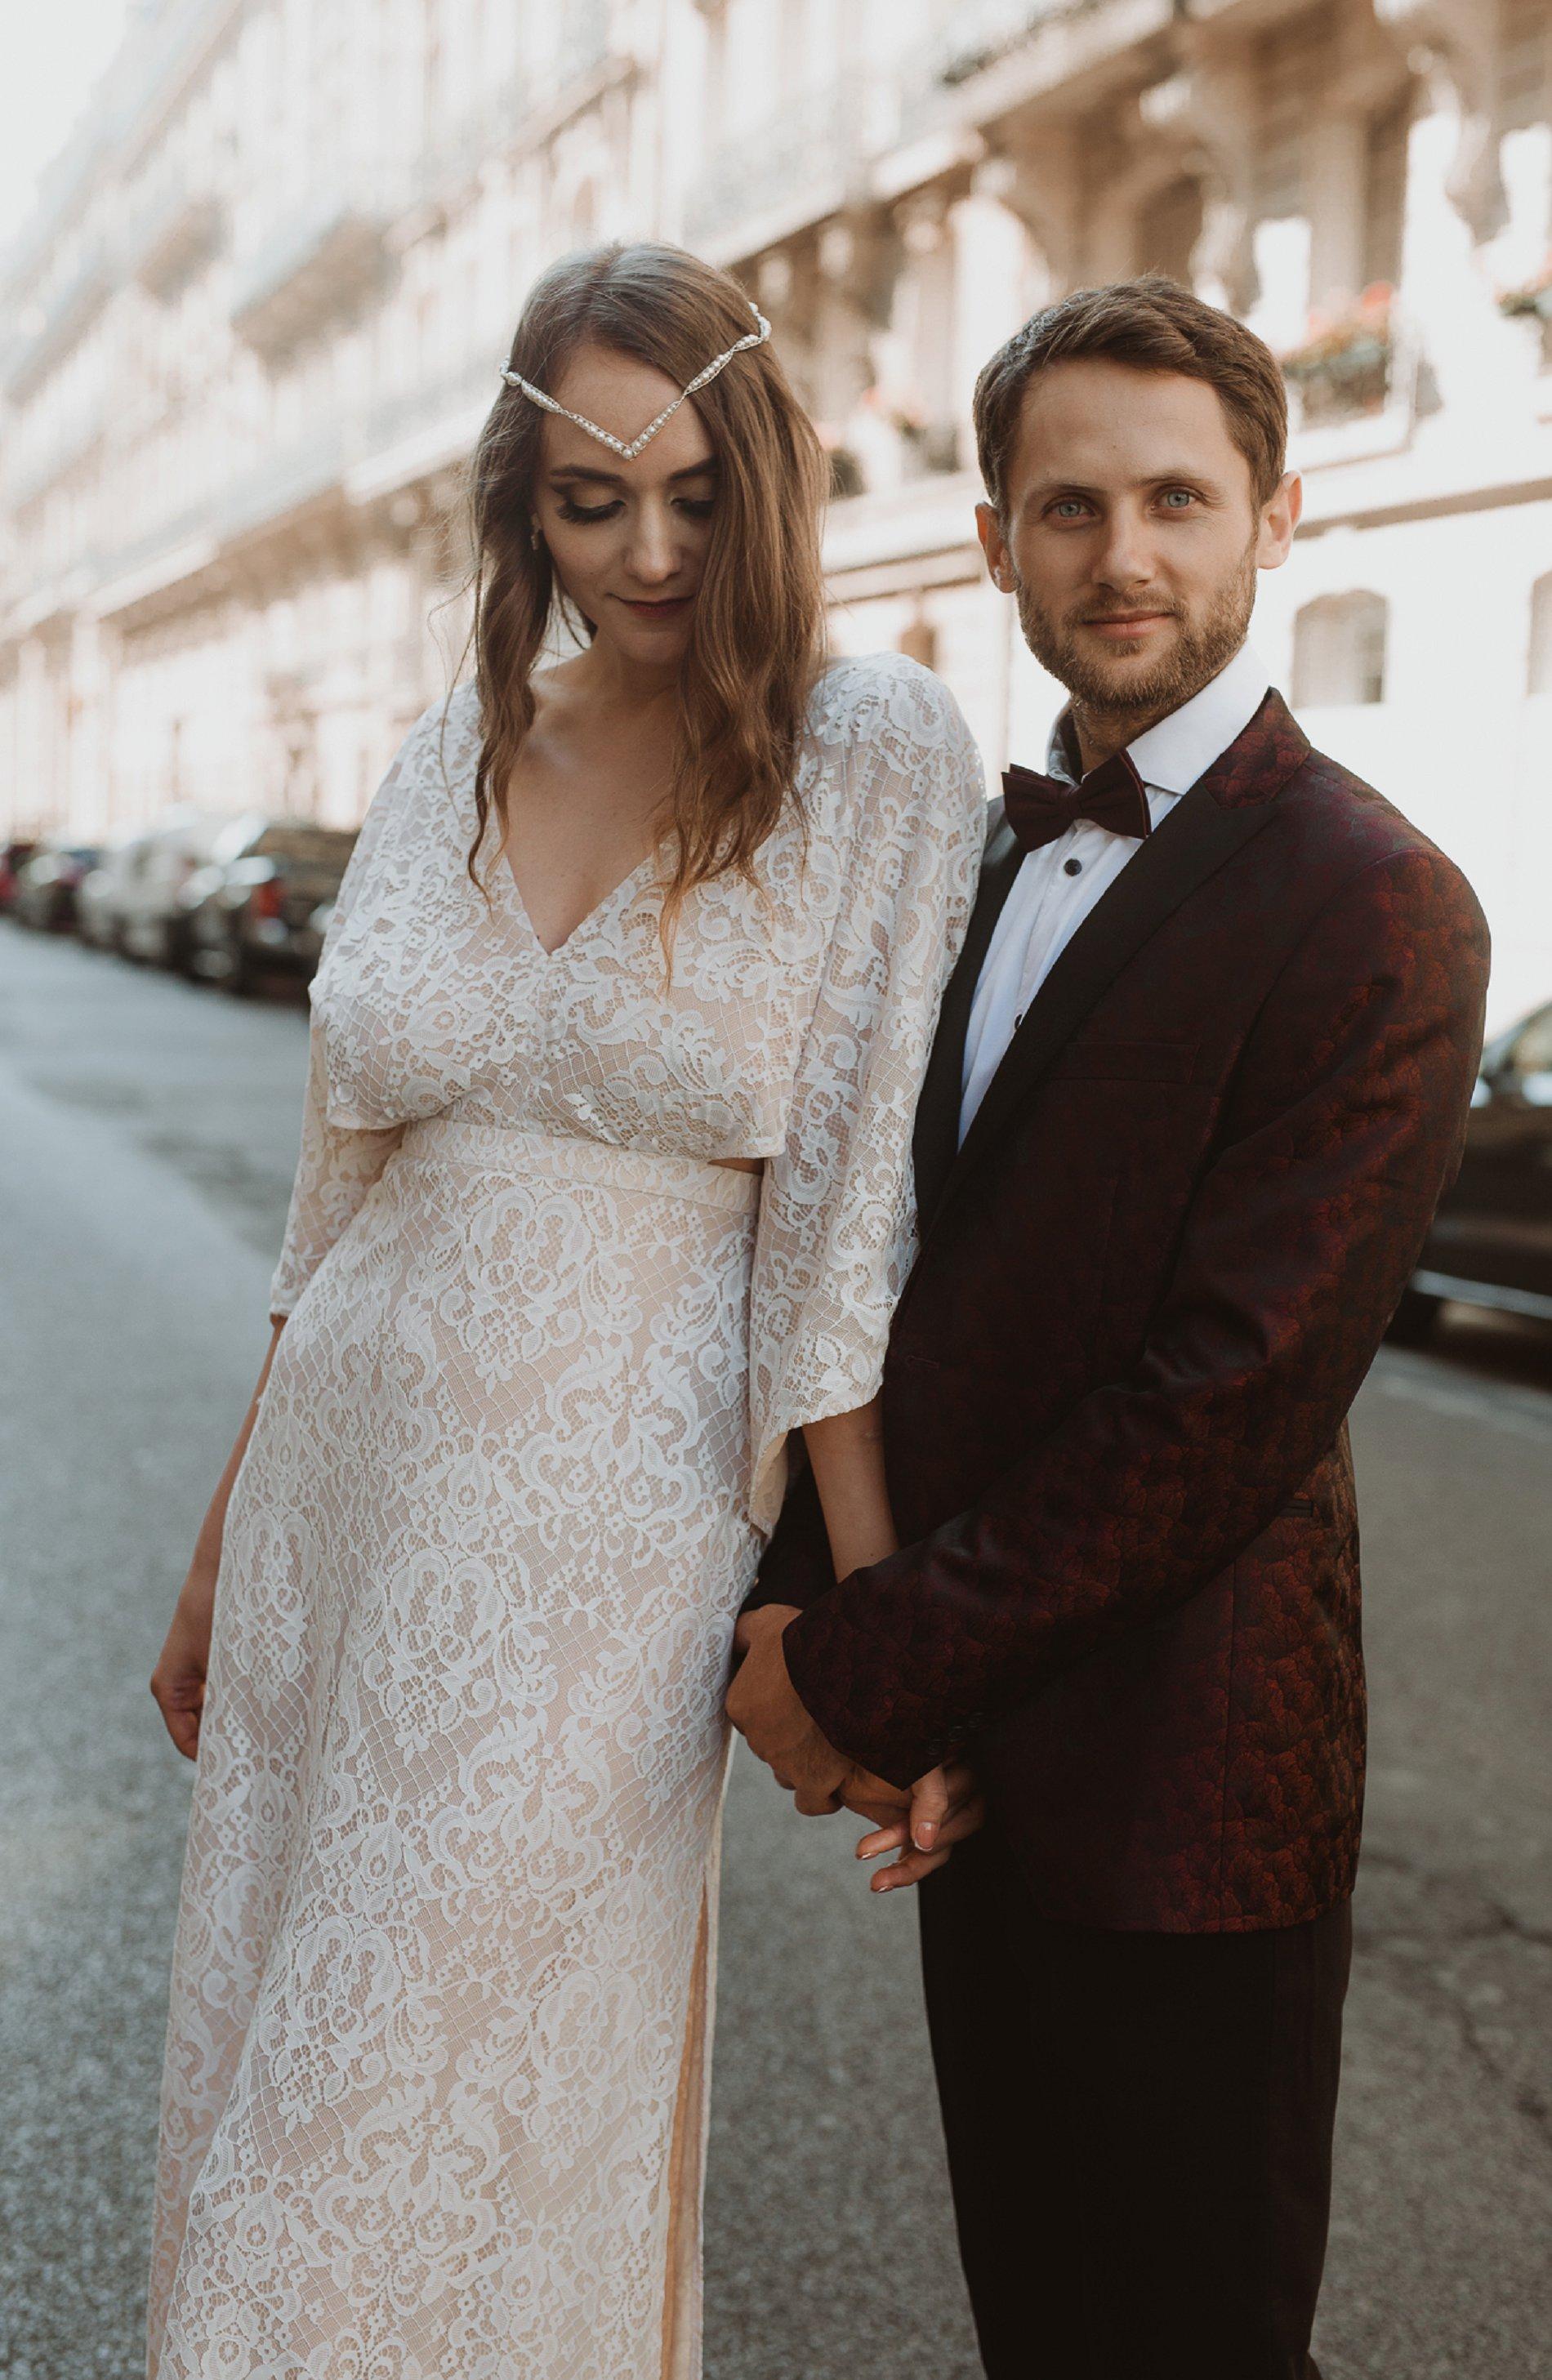 Miss He Bridal Romantic Paris Elopement (c) Xanthe Rowland Photography (3)